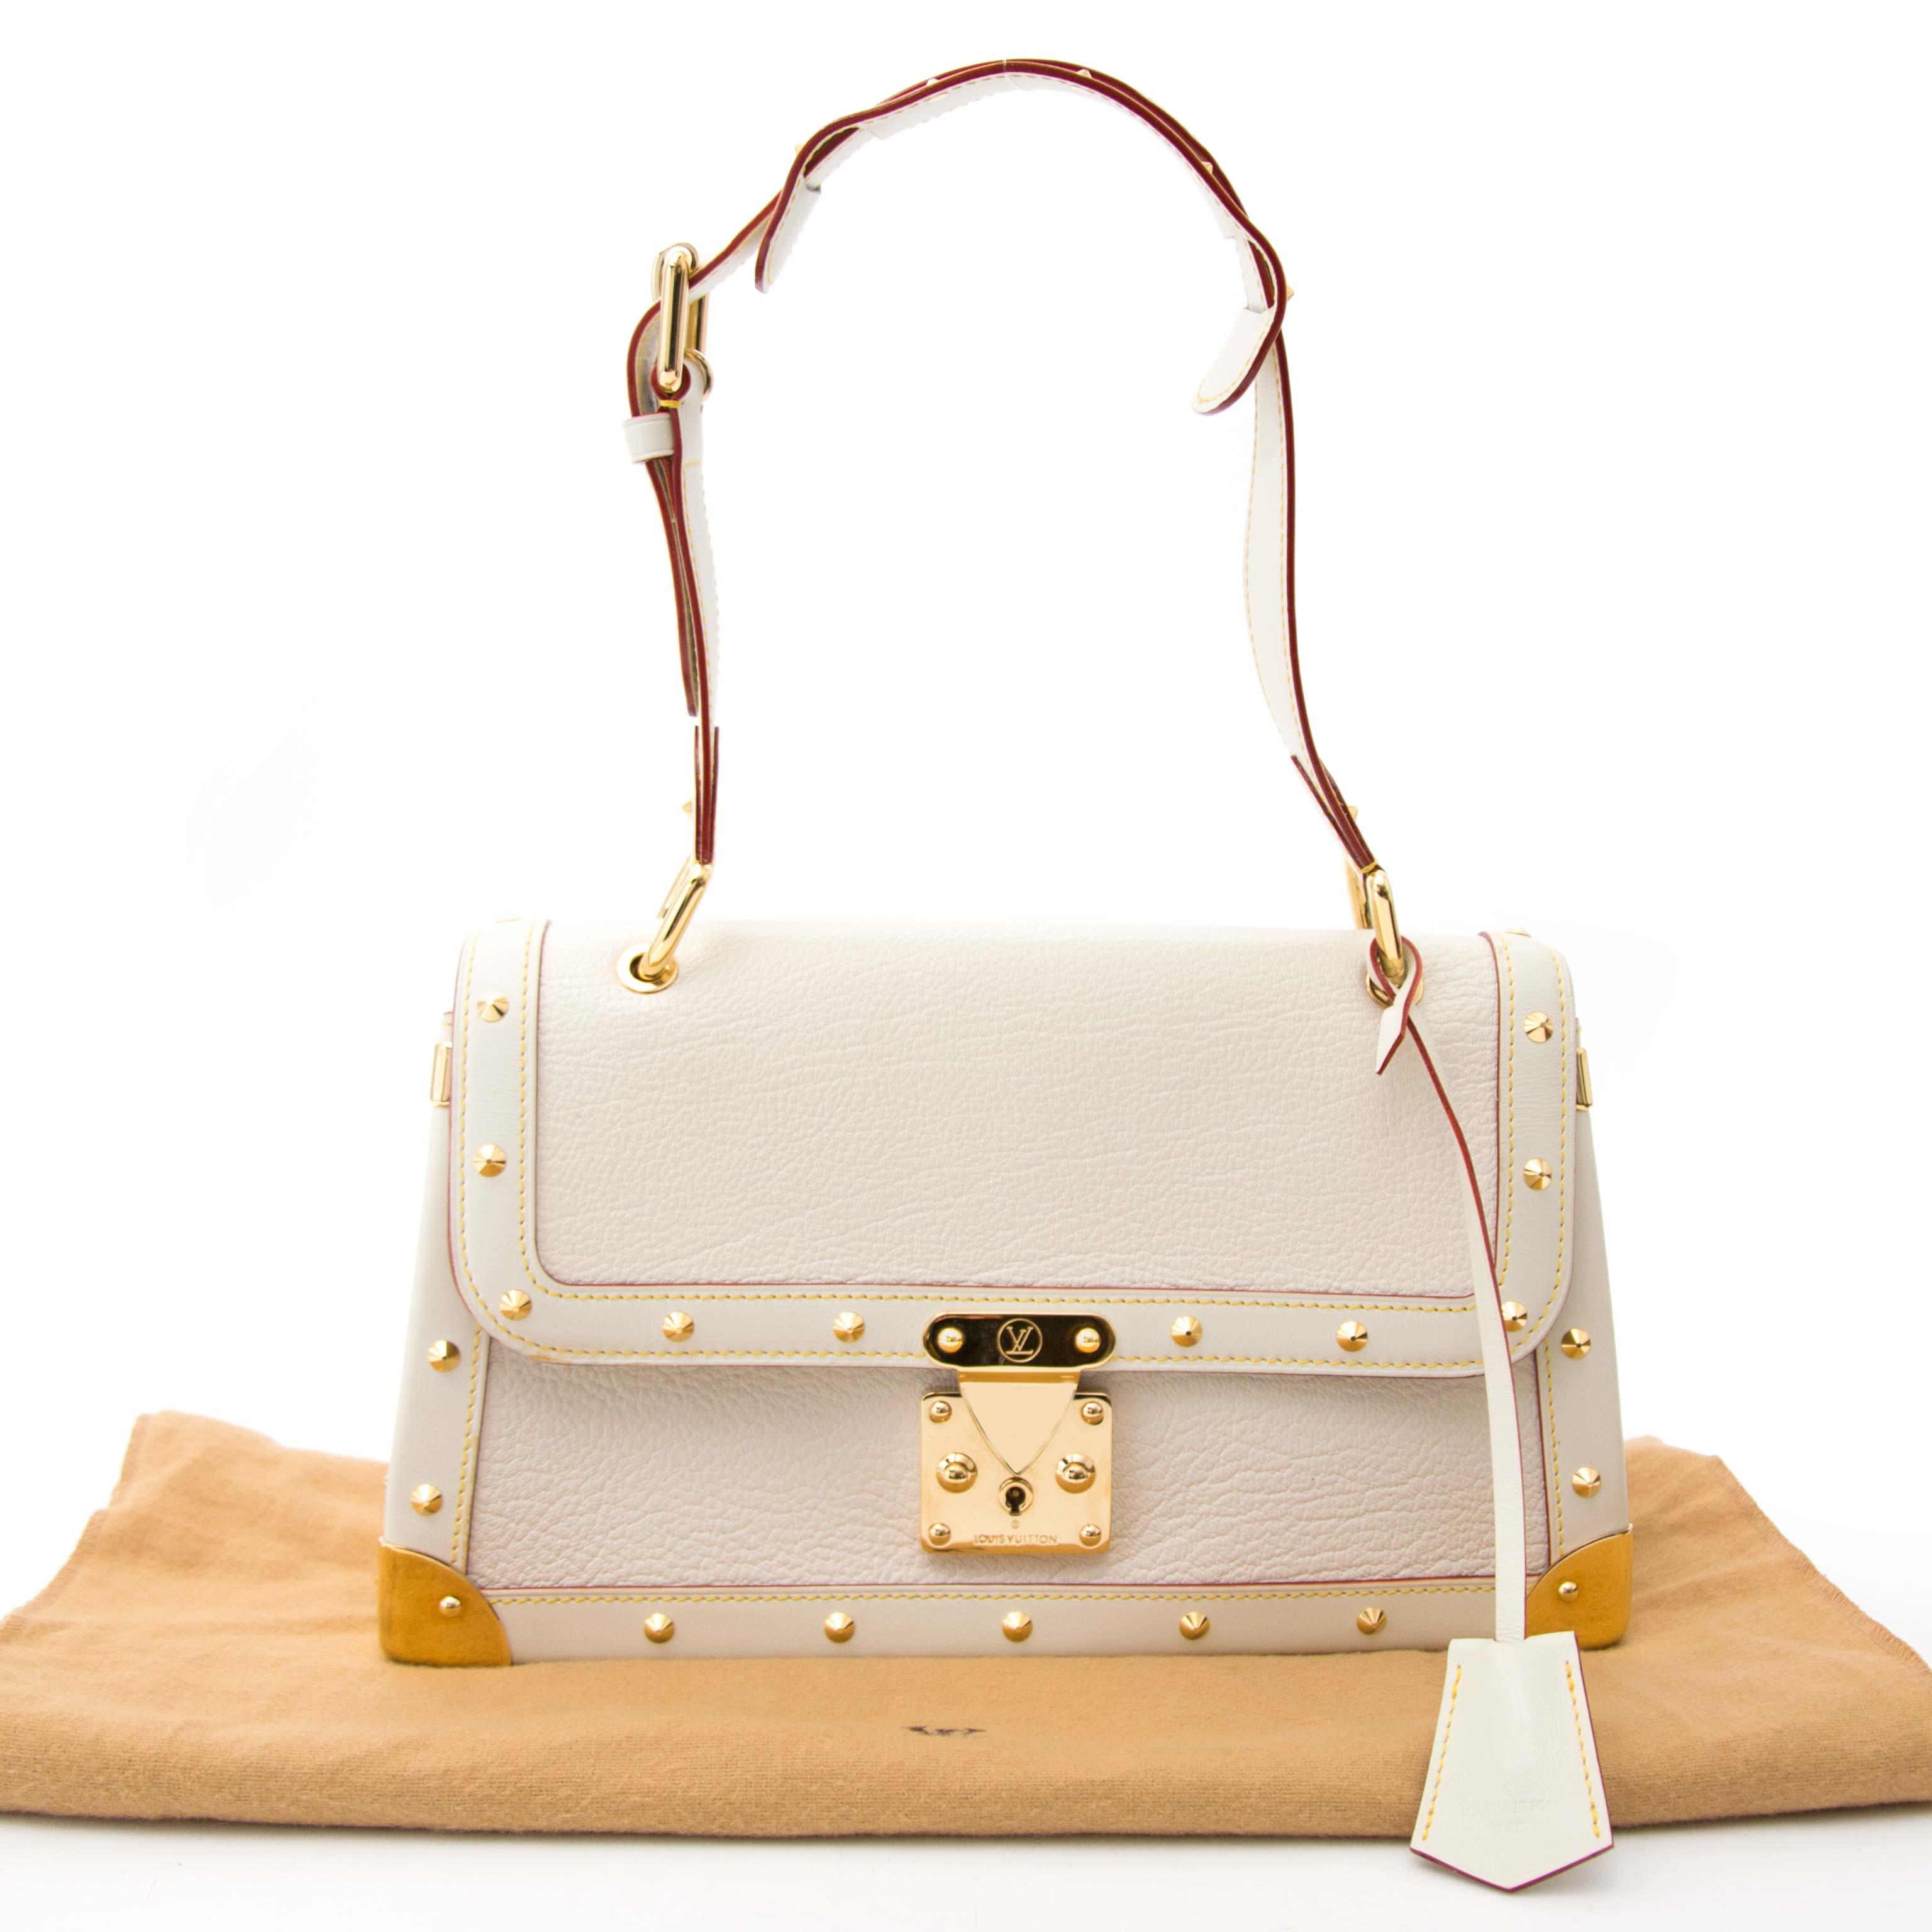 acheter en ligne pour le meilleur prix Louis Vuitton Suhali Le Talentueux White